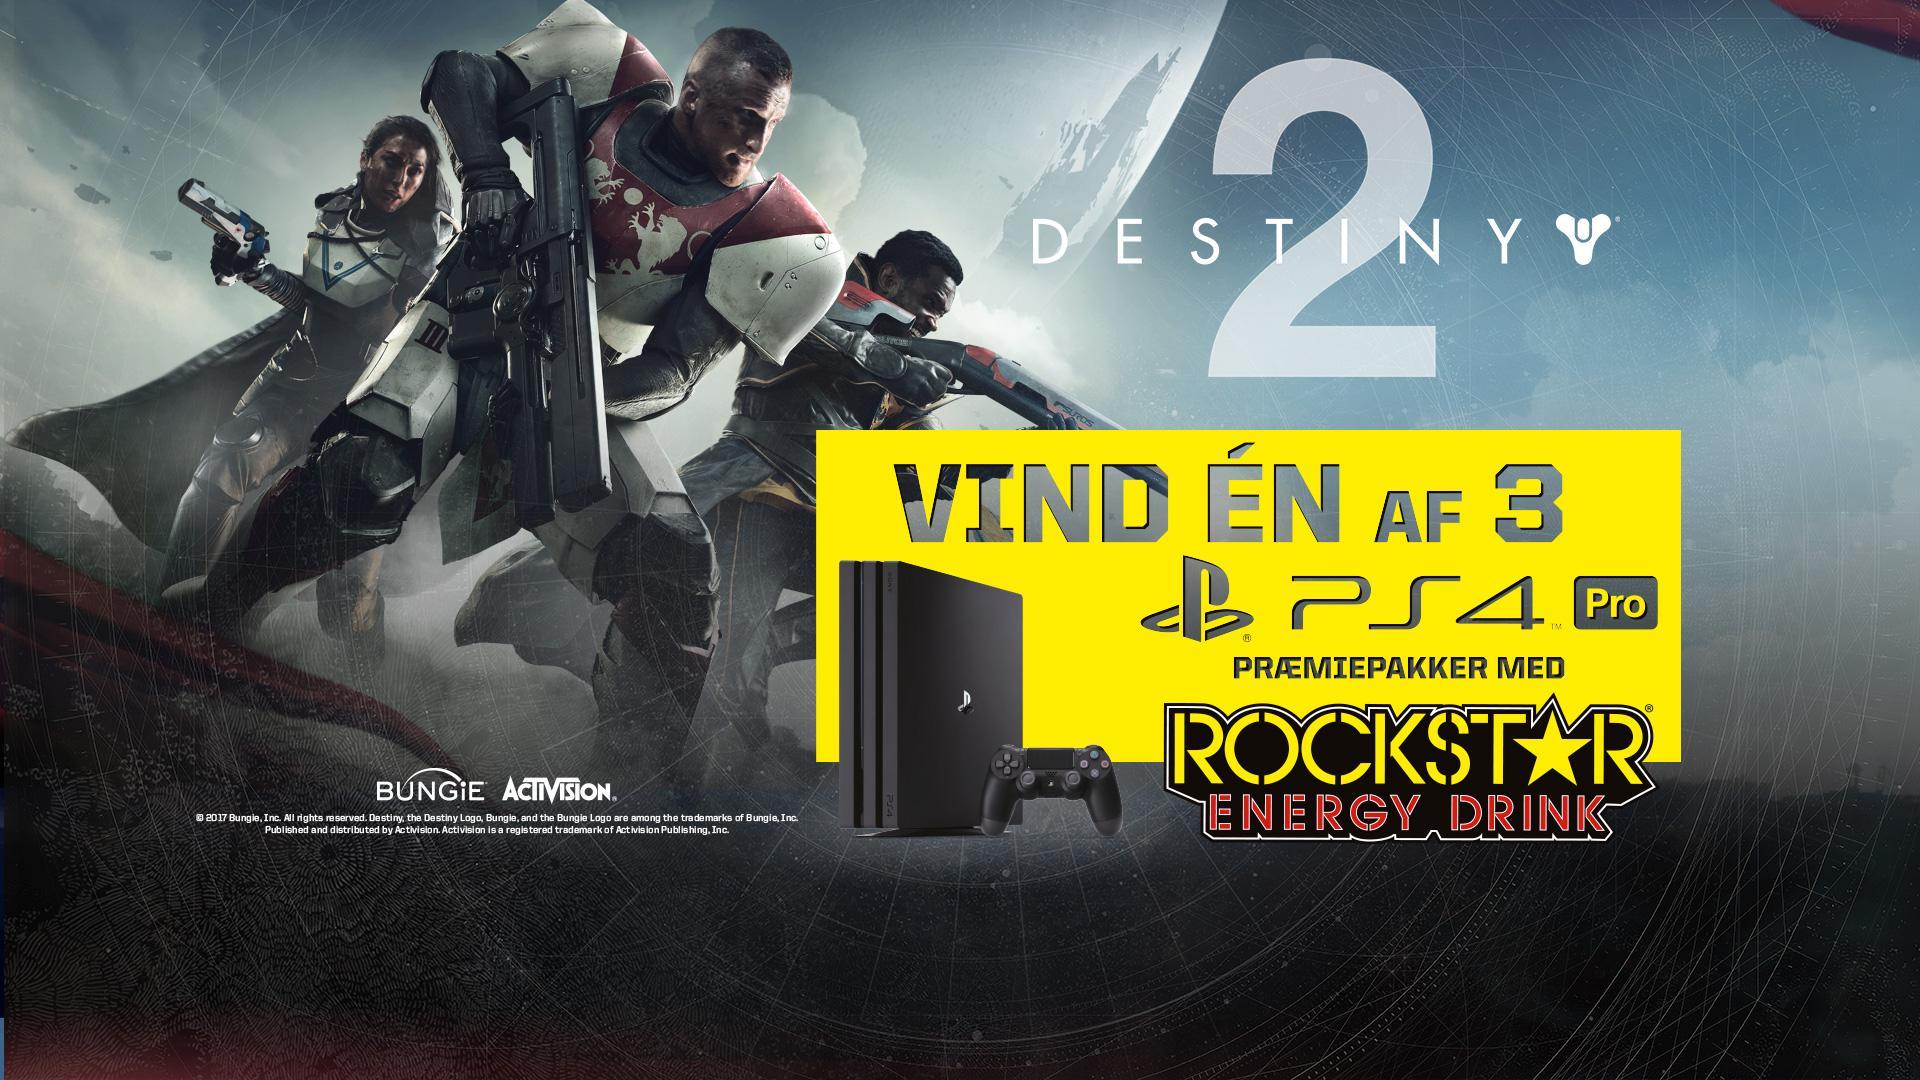 VIND ÉN AF 3 PLAYSTATION 4 PROS